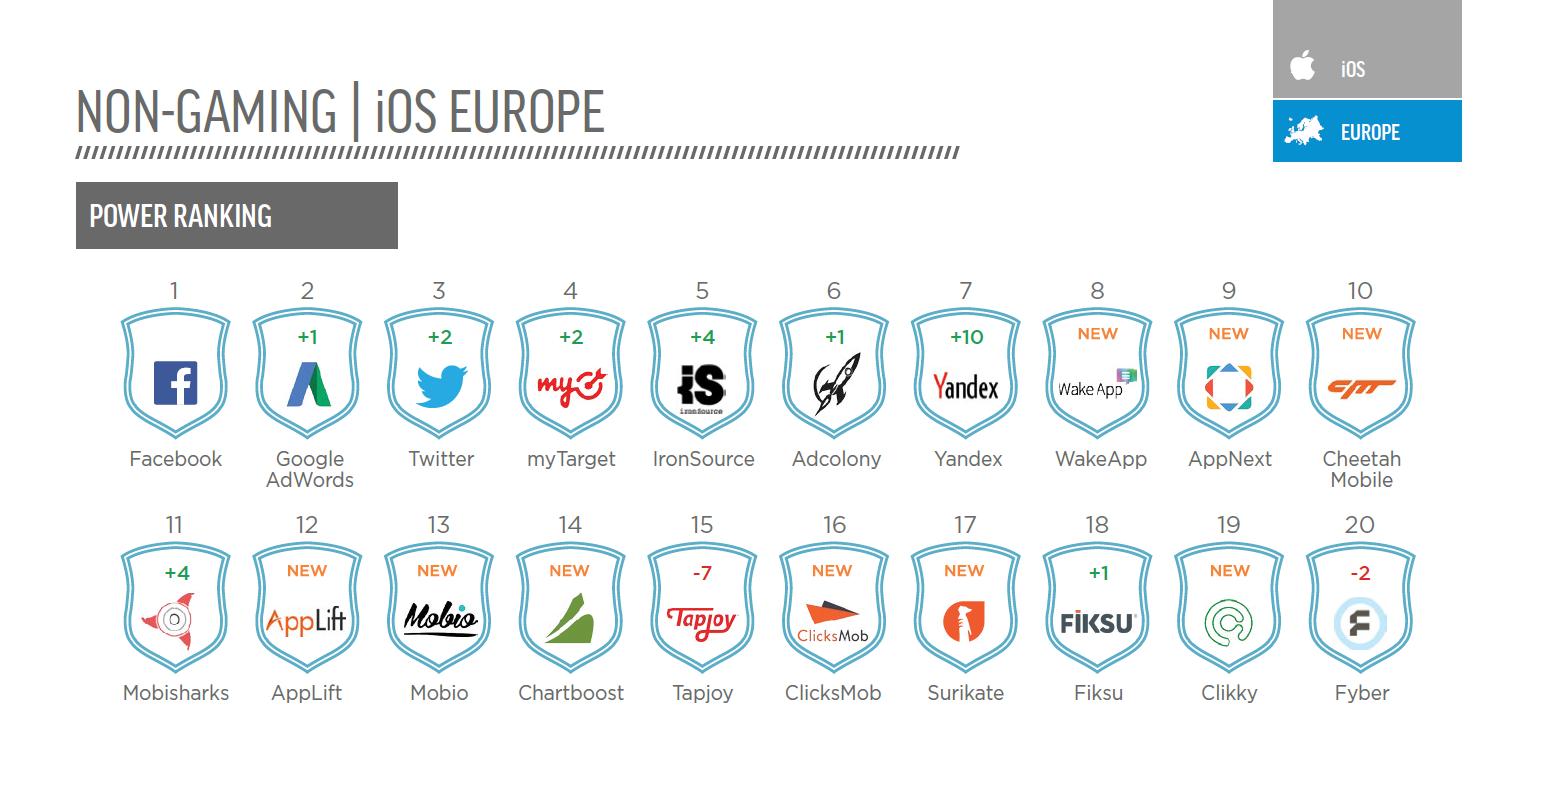 Appsflyer Top 20